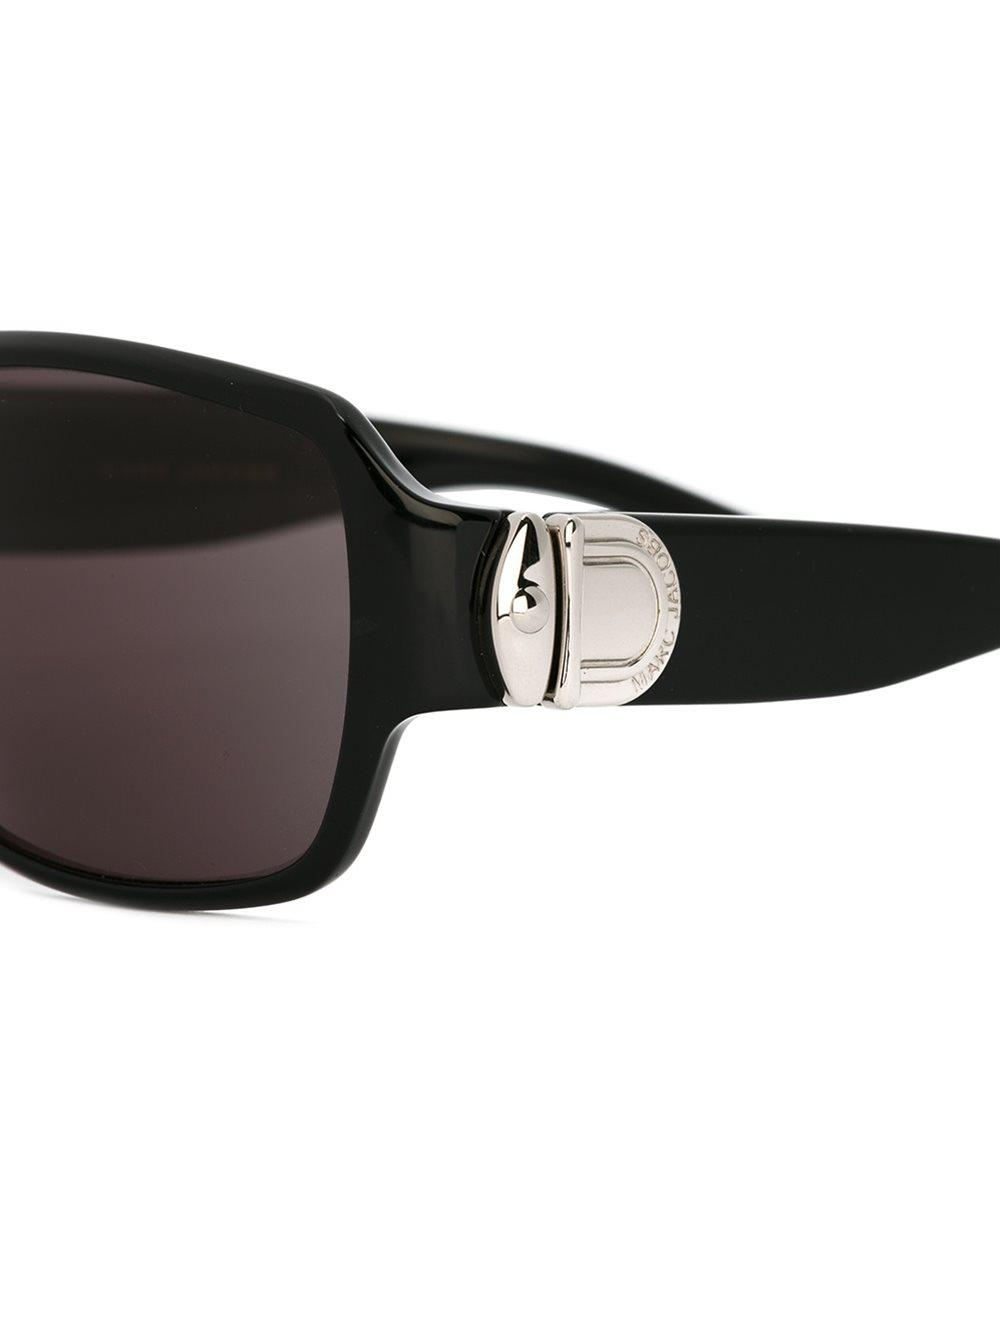 Marc Jacobs Rectangular Frame Sunglasses in Black